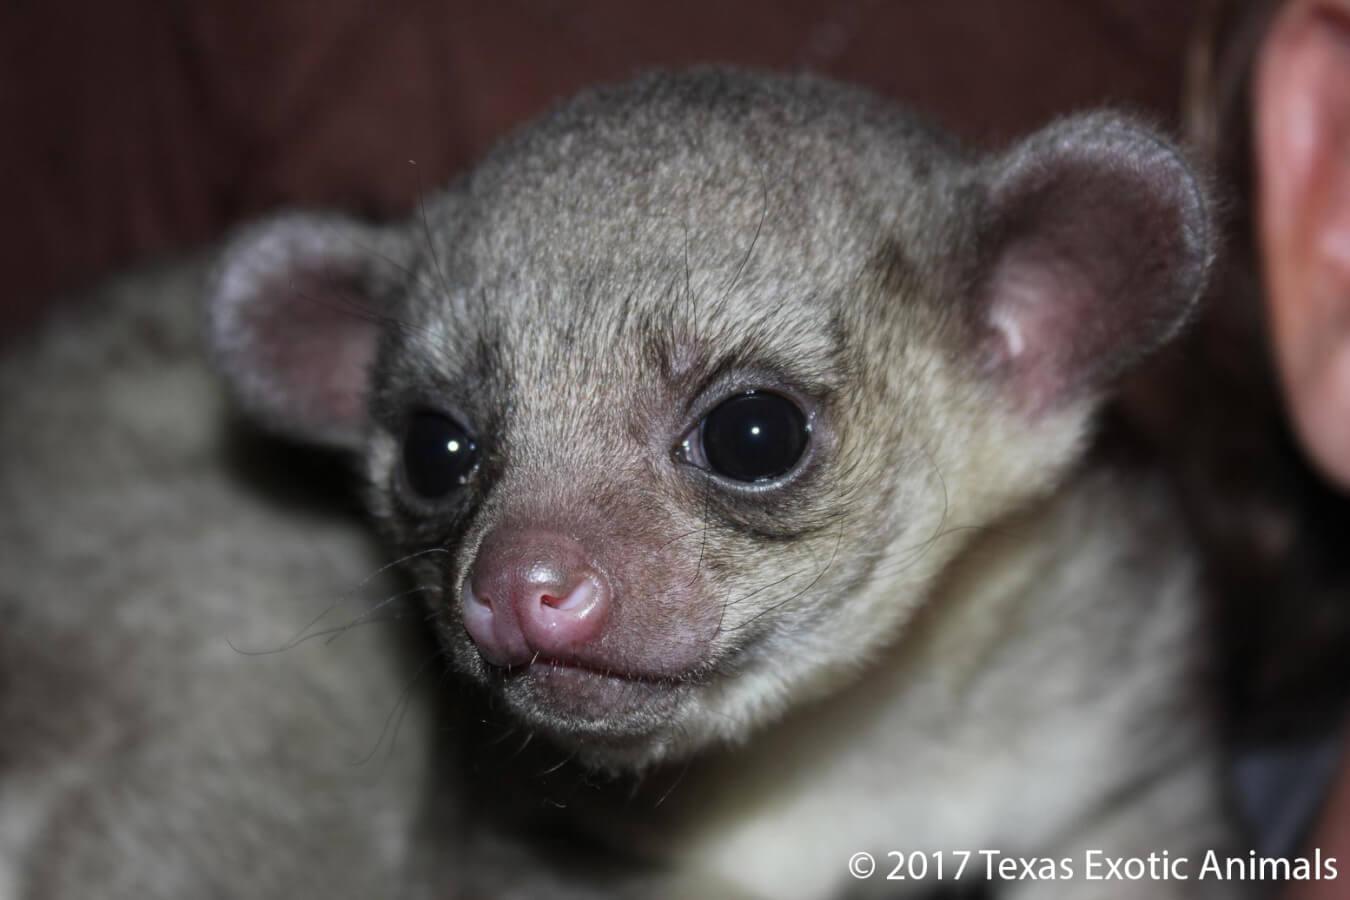 Kinkajou Texas Exotic Animals